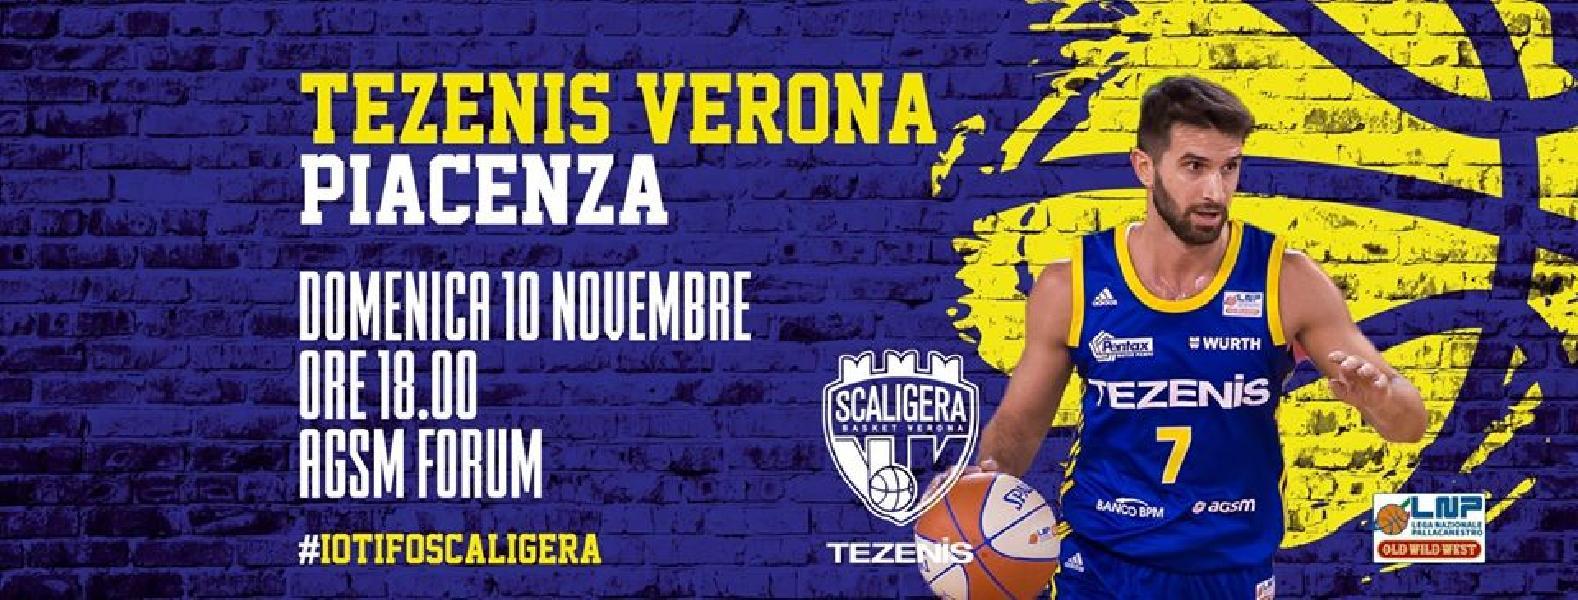 https://www.basketmarche.it/immagini_articoli/09-11-2019/stefano-comazzi-guido-rosselli-presentano-sfida-interna-tezenis-verona-assigeco-600.jpg